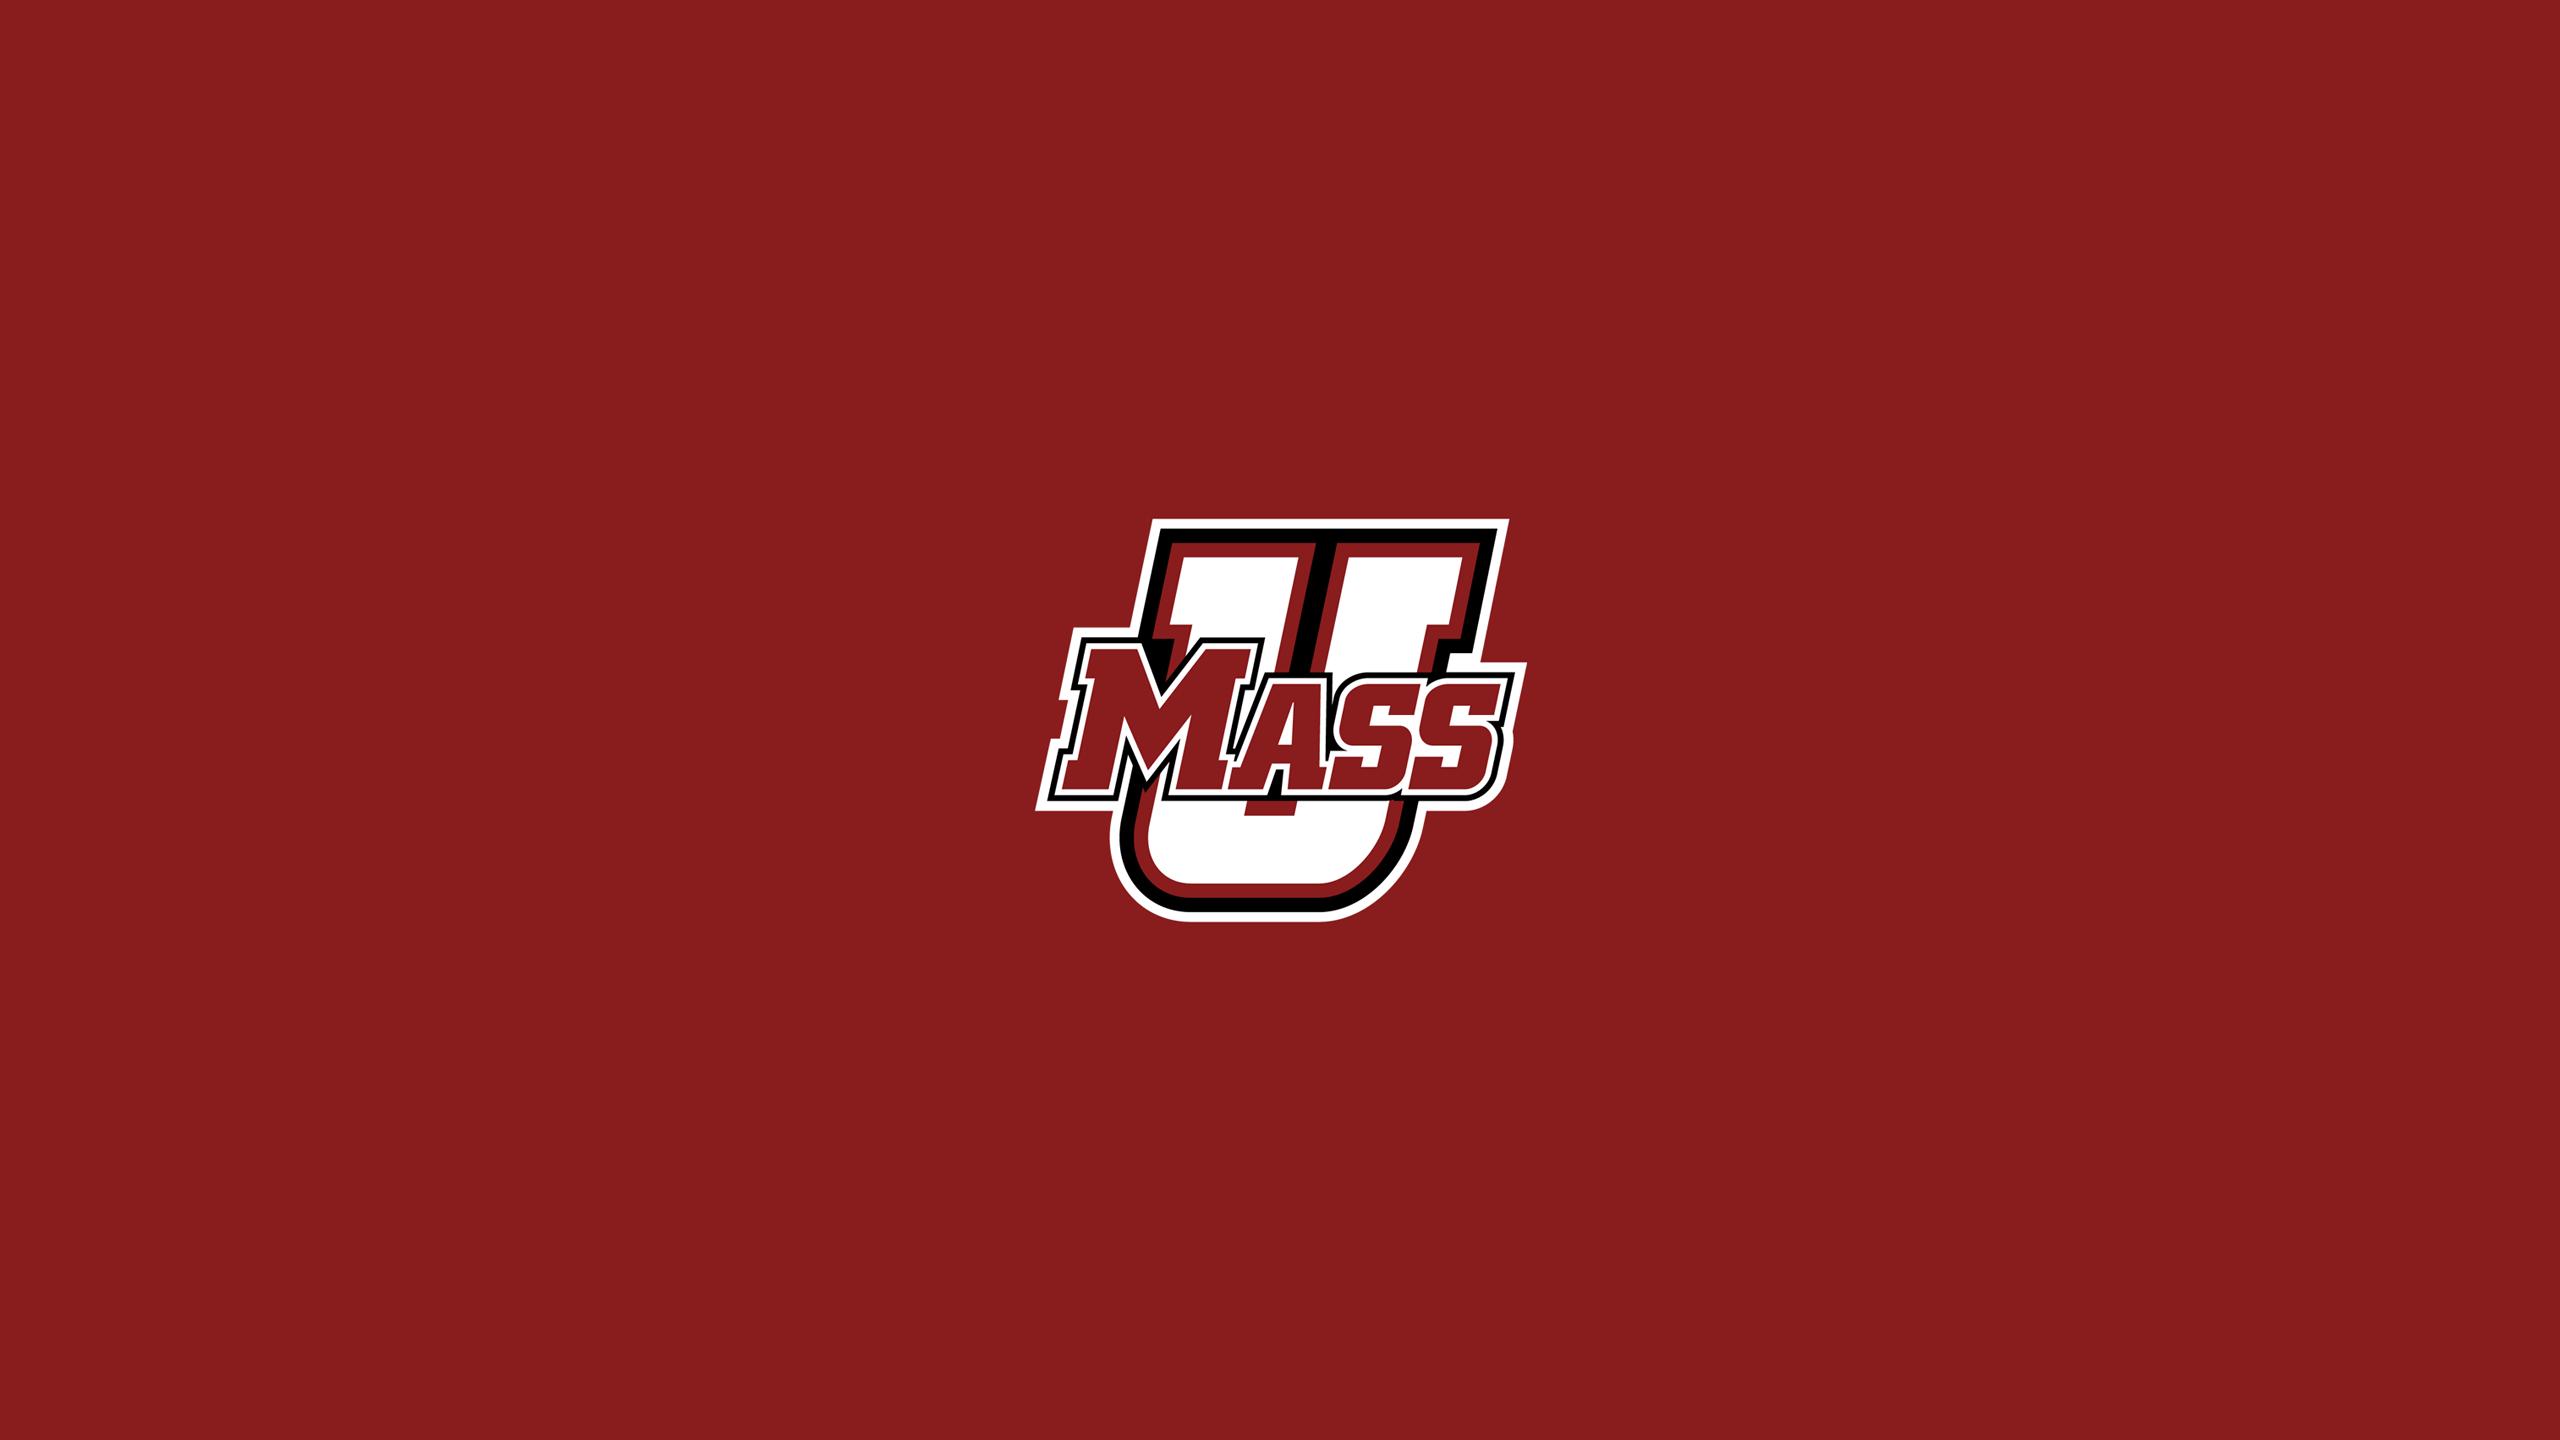 University of Massachusetts Minutemen